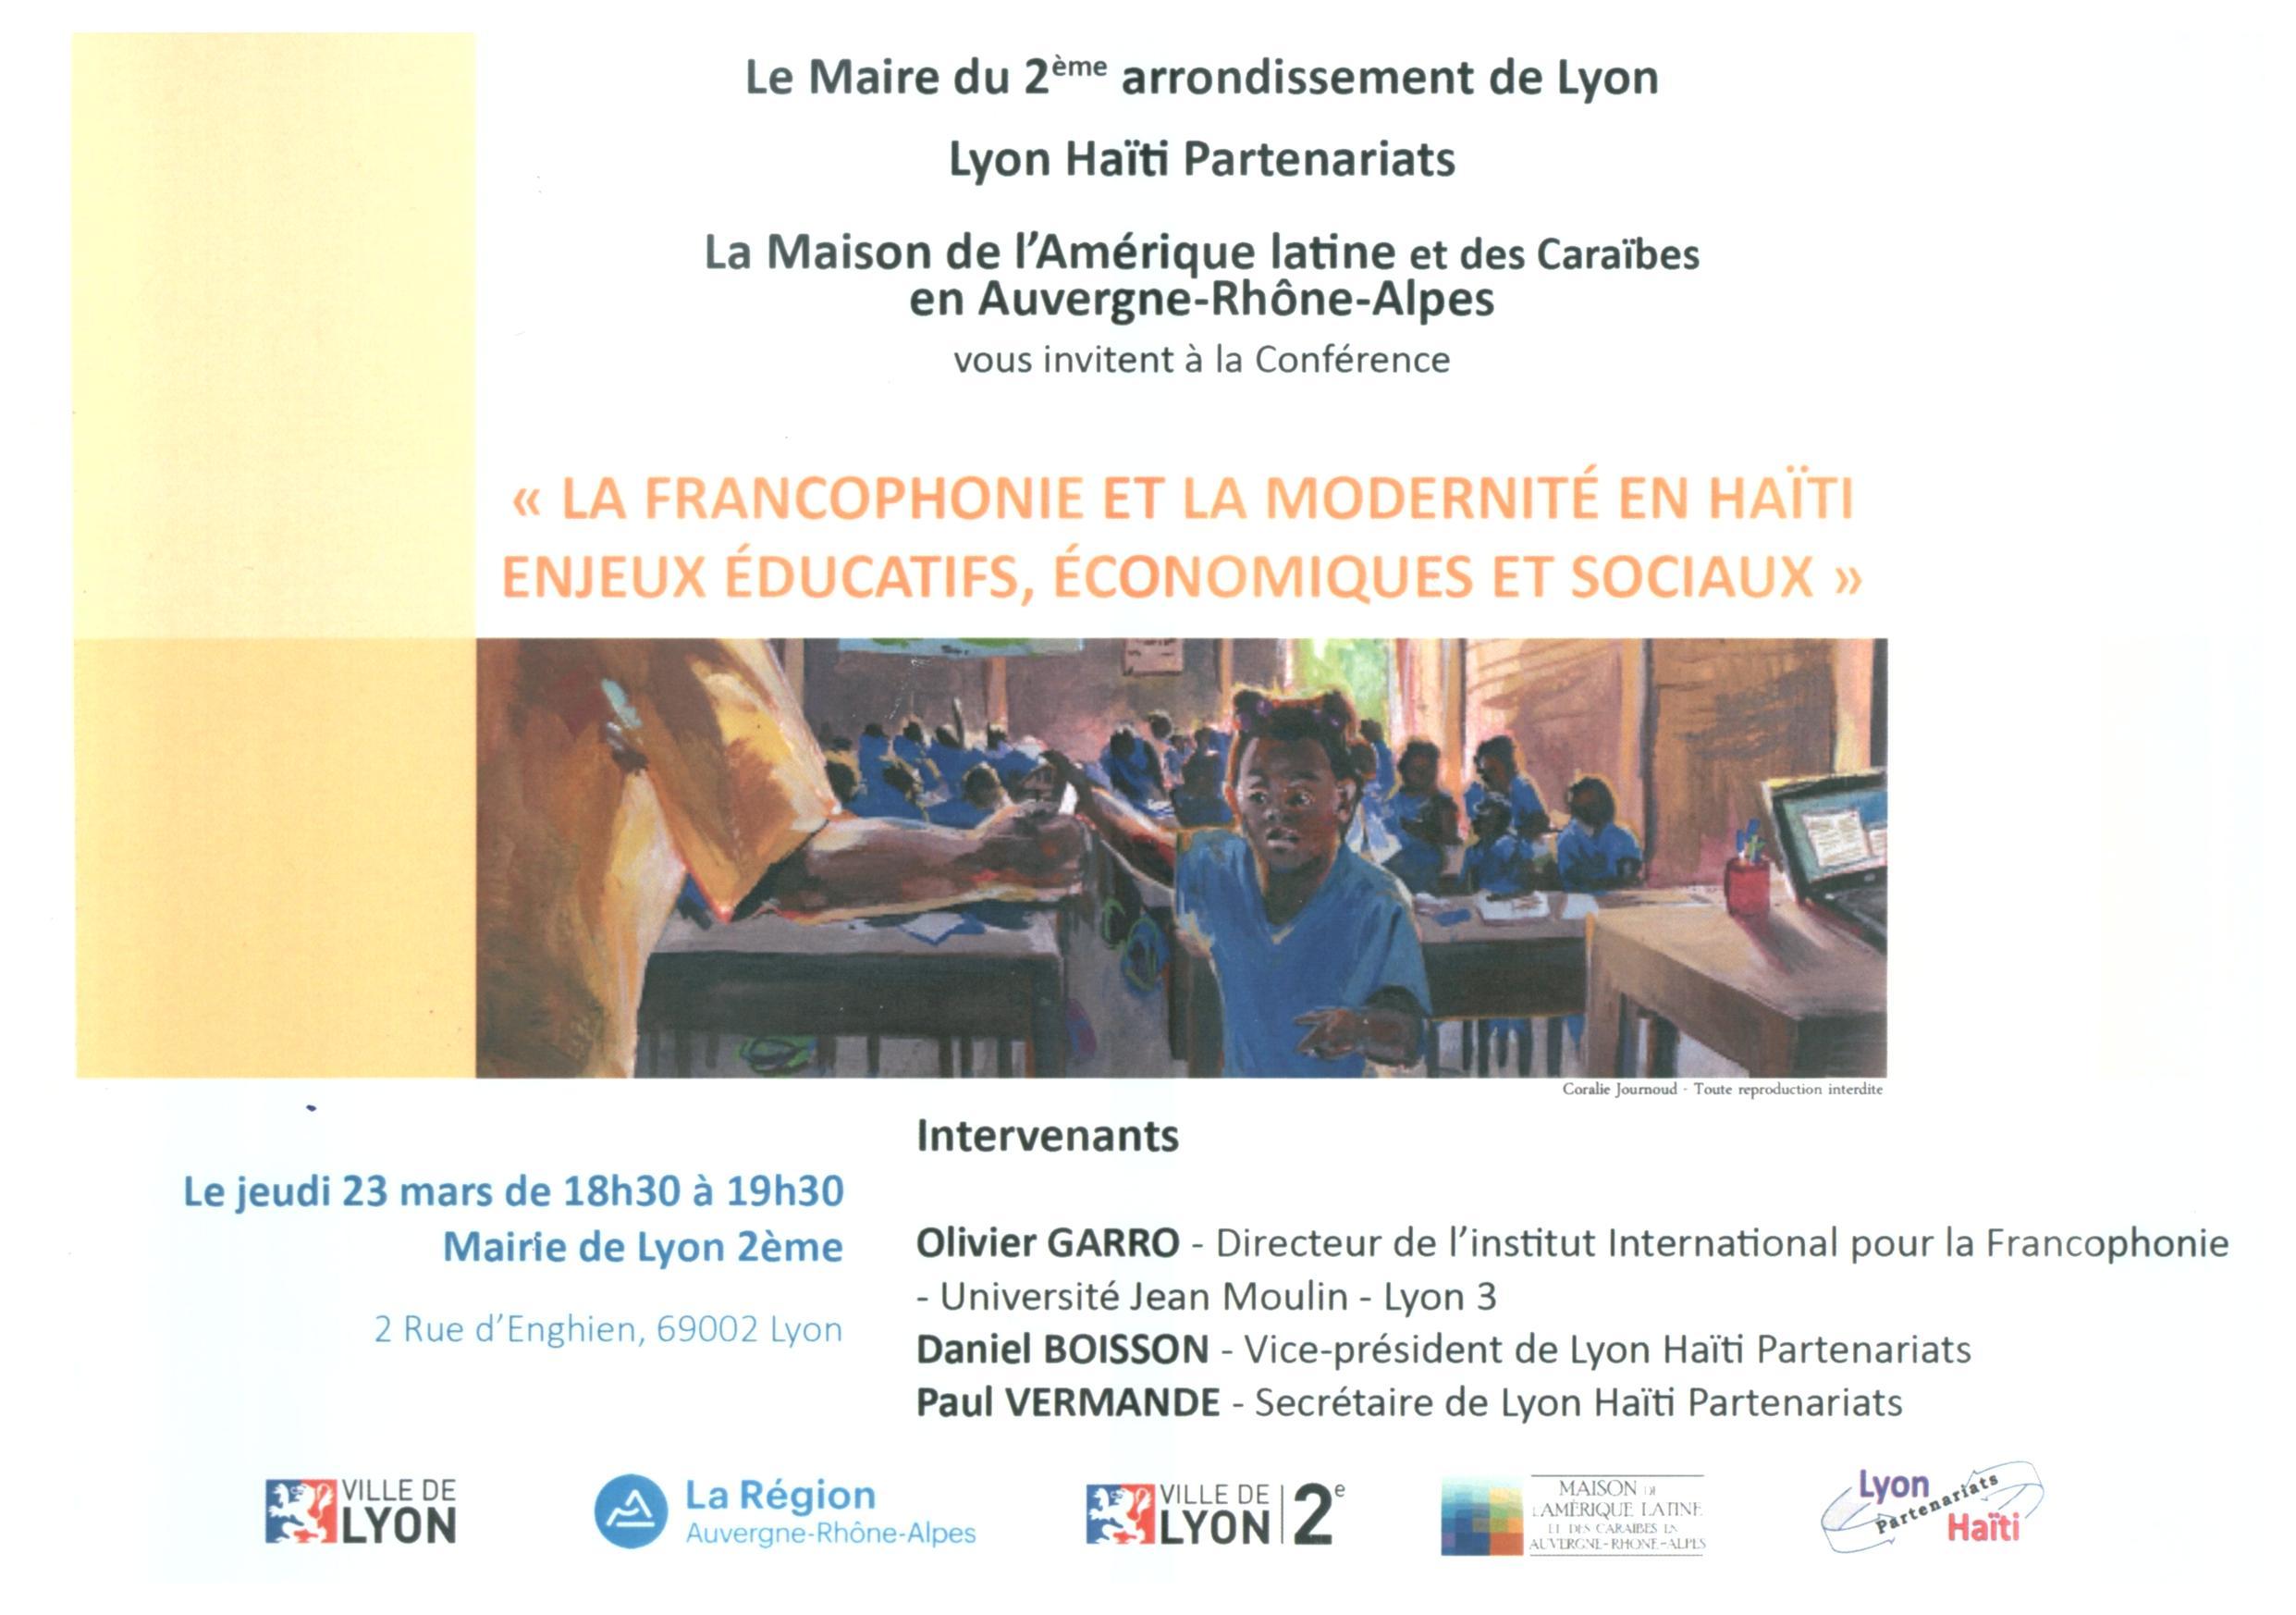 Lyon Haïti Partenariats a organisé une conférence autour de la Francophonie le 23 mars 2017